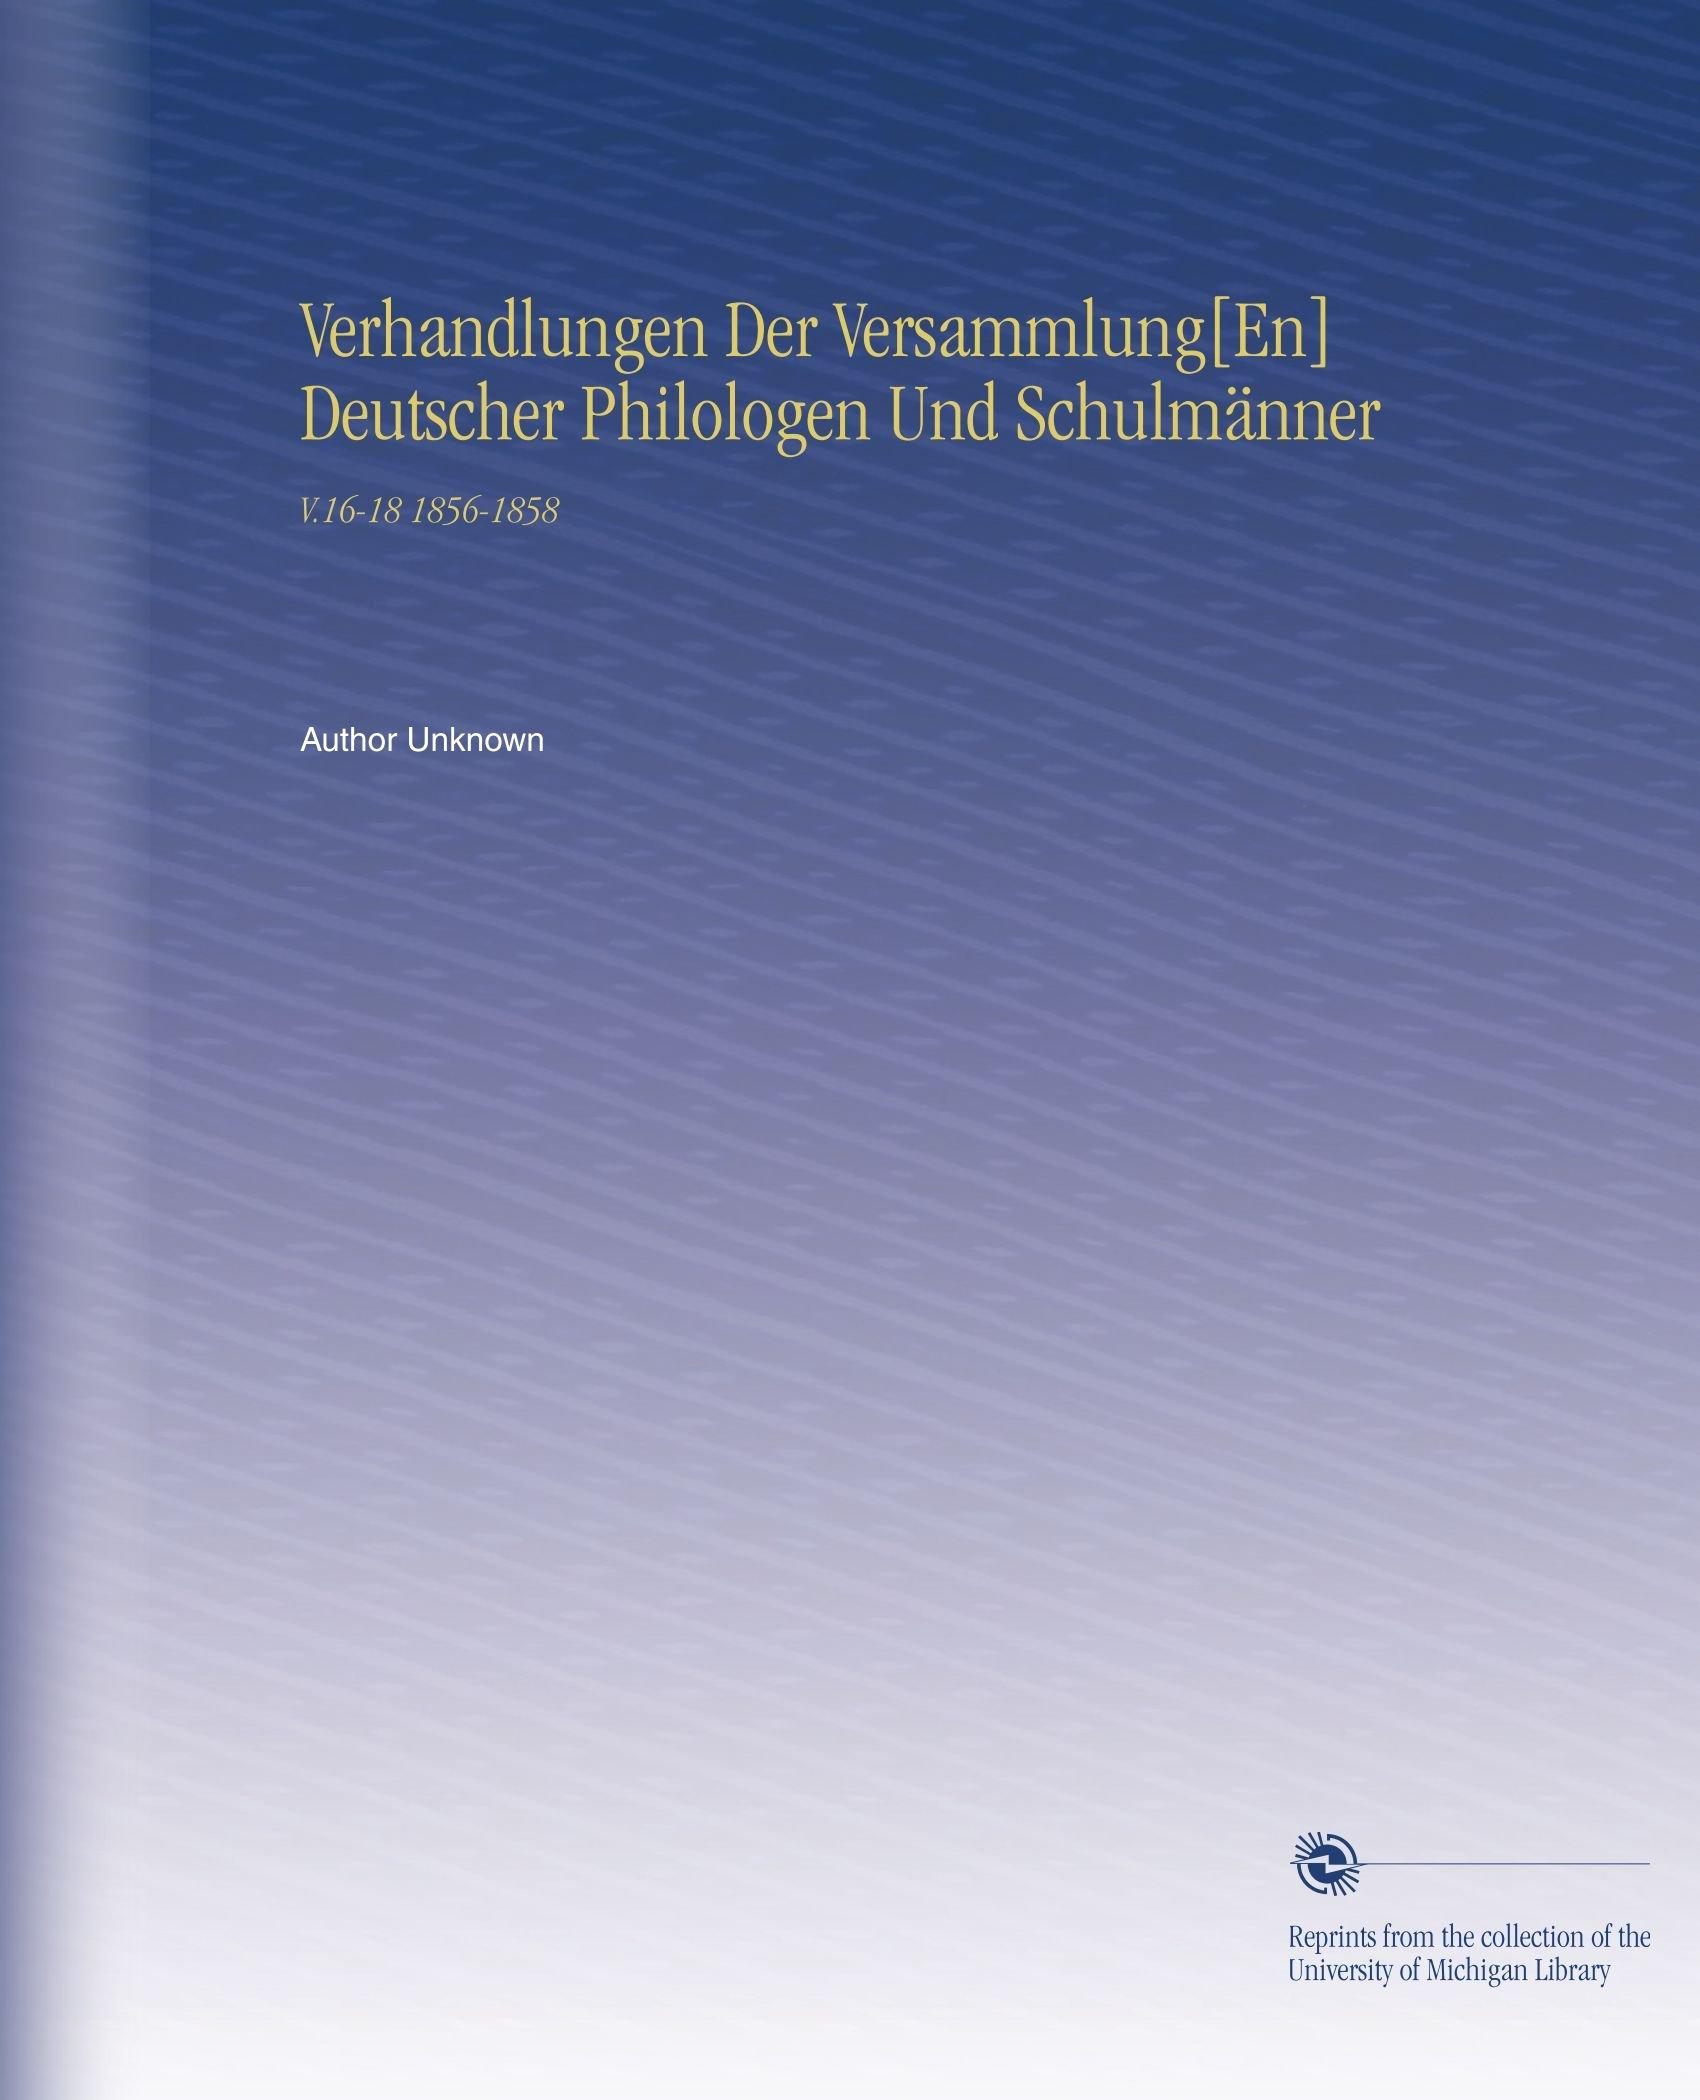 Download Verhandlungen Der  Versammlung[En] Deutscher Philologen Und Schulmänner: V.16-18 1856-1858 (German Edition) PDF